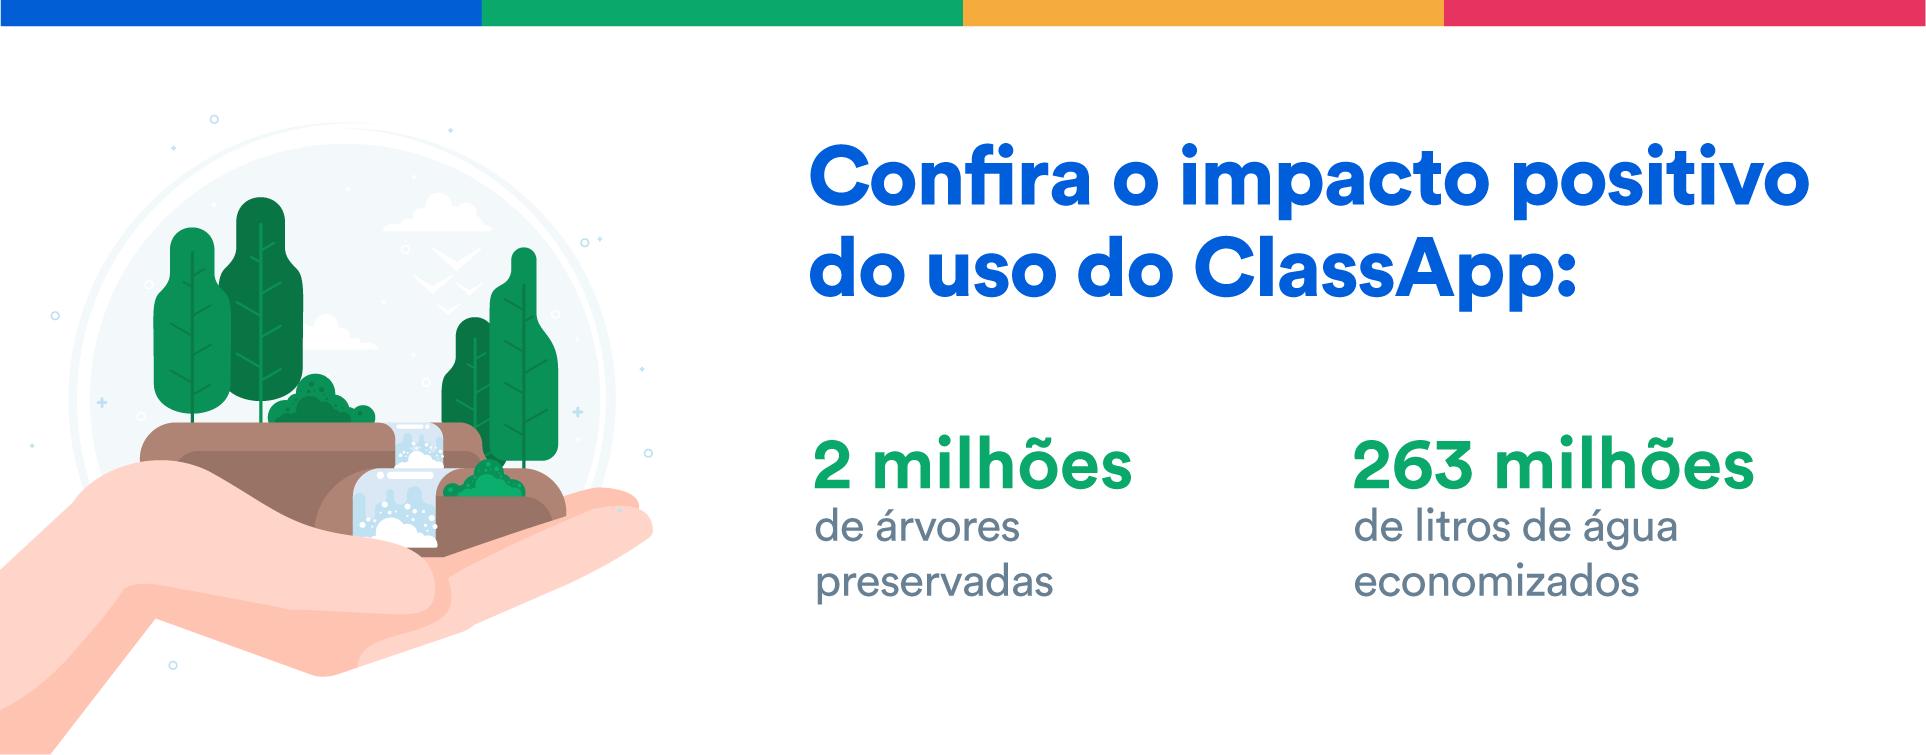 Confira o impacto positivo do uso do ClassApp: 2 milhões de árvores preservadas